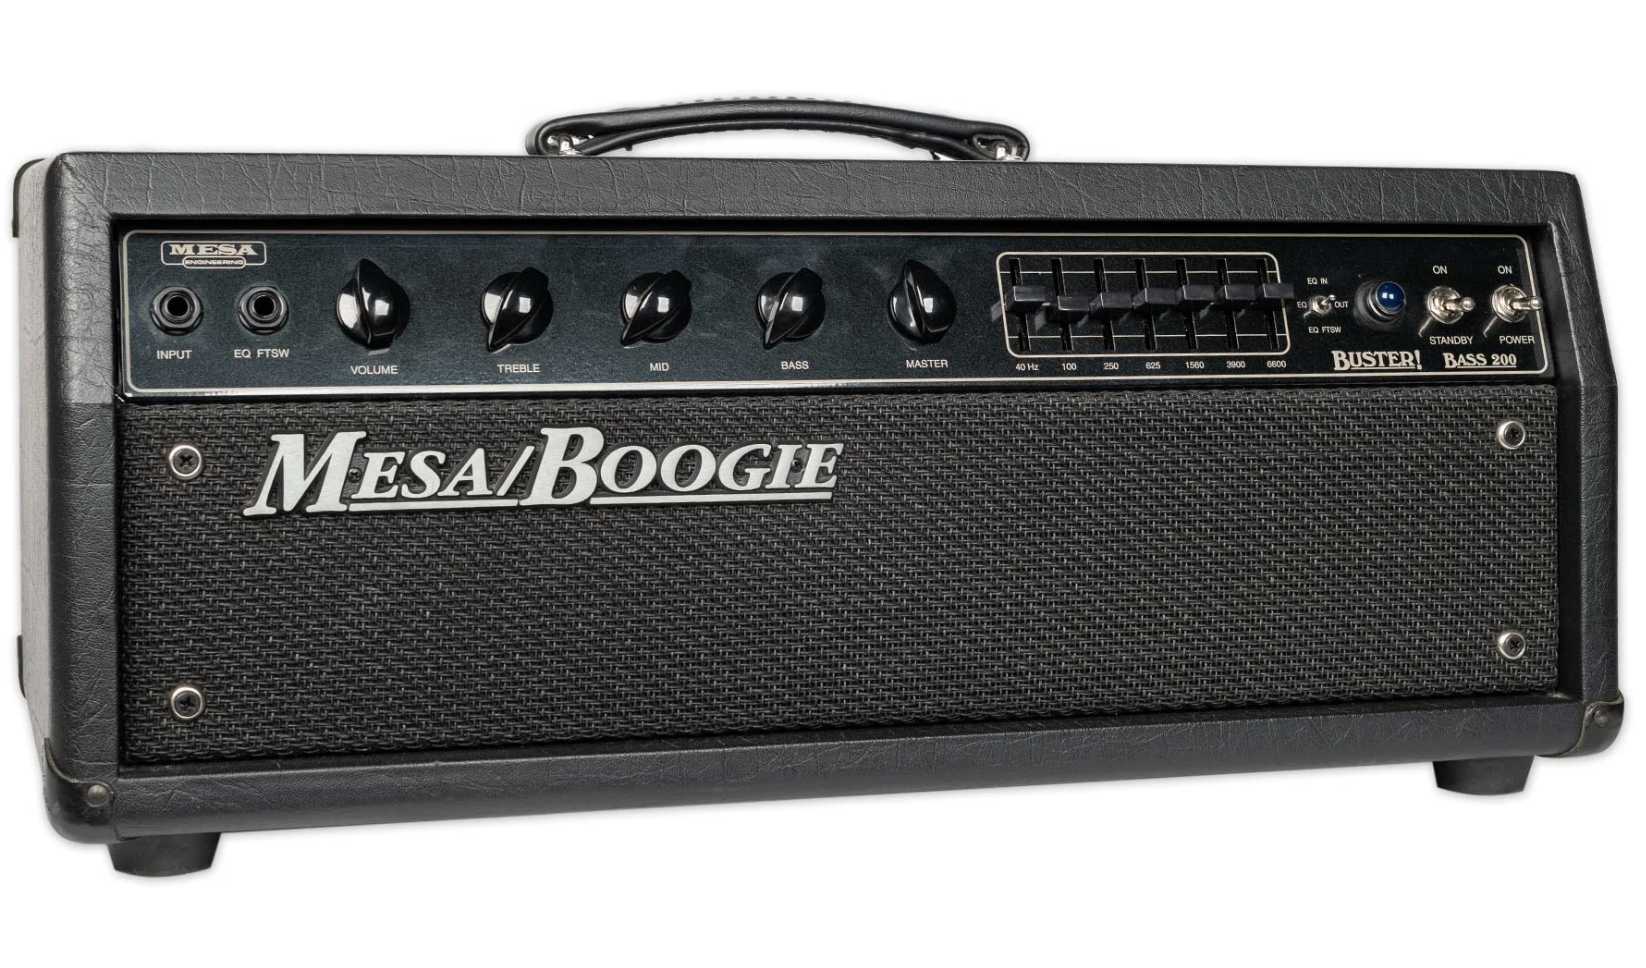 Best valves for Mesa Boogie Buster Bass 200 amplifier